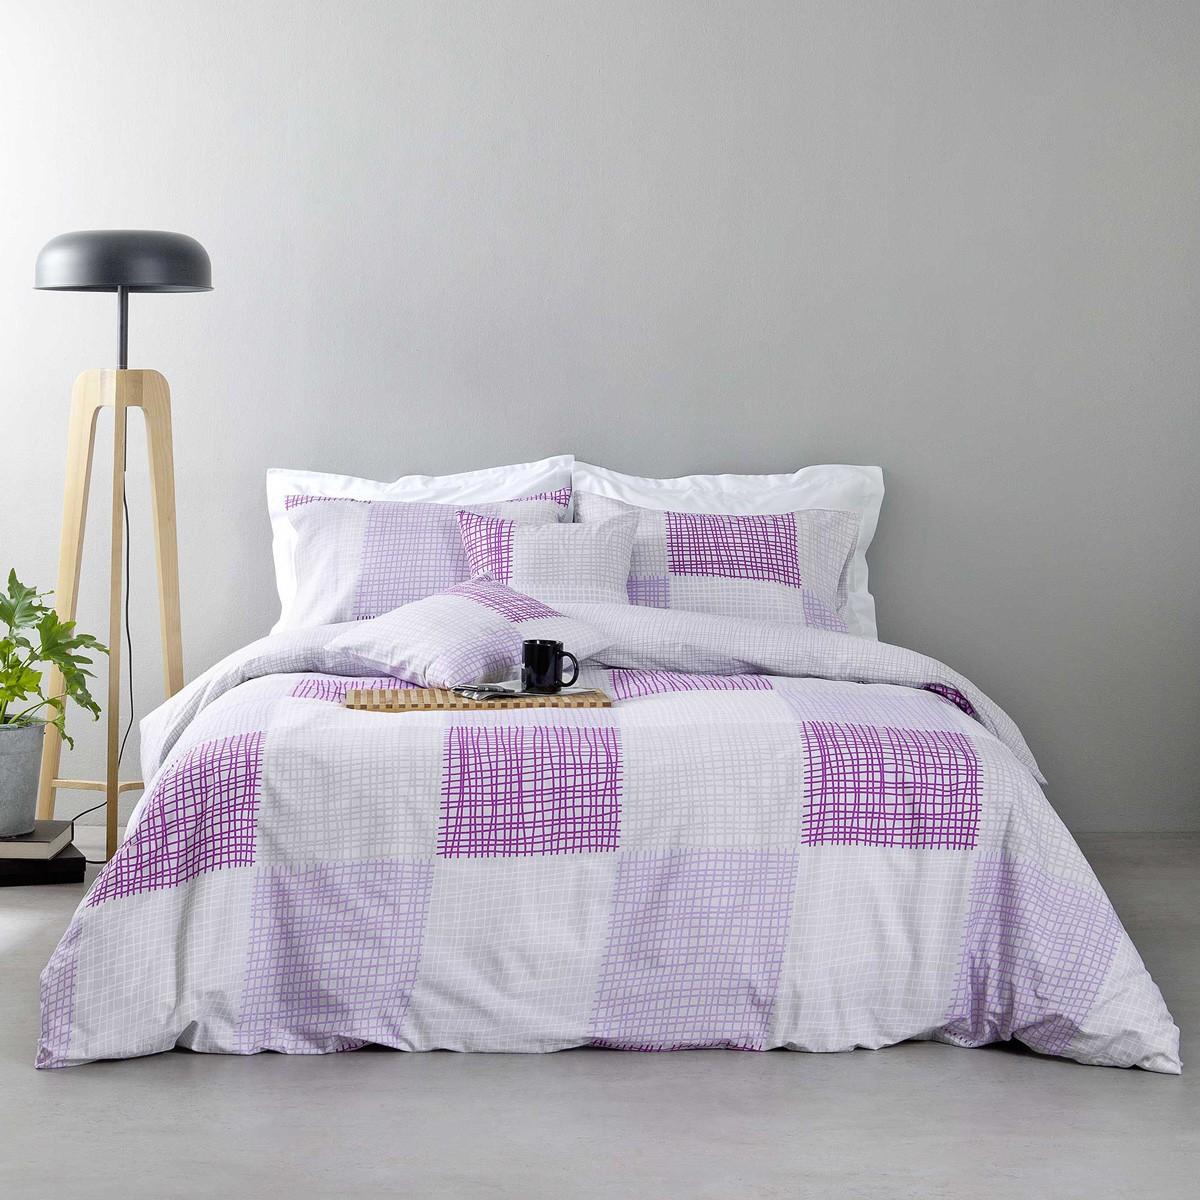 Κουβερλί Μονό Nima Bed Linen Rattan Lilac